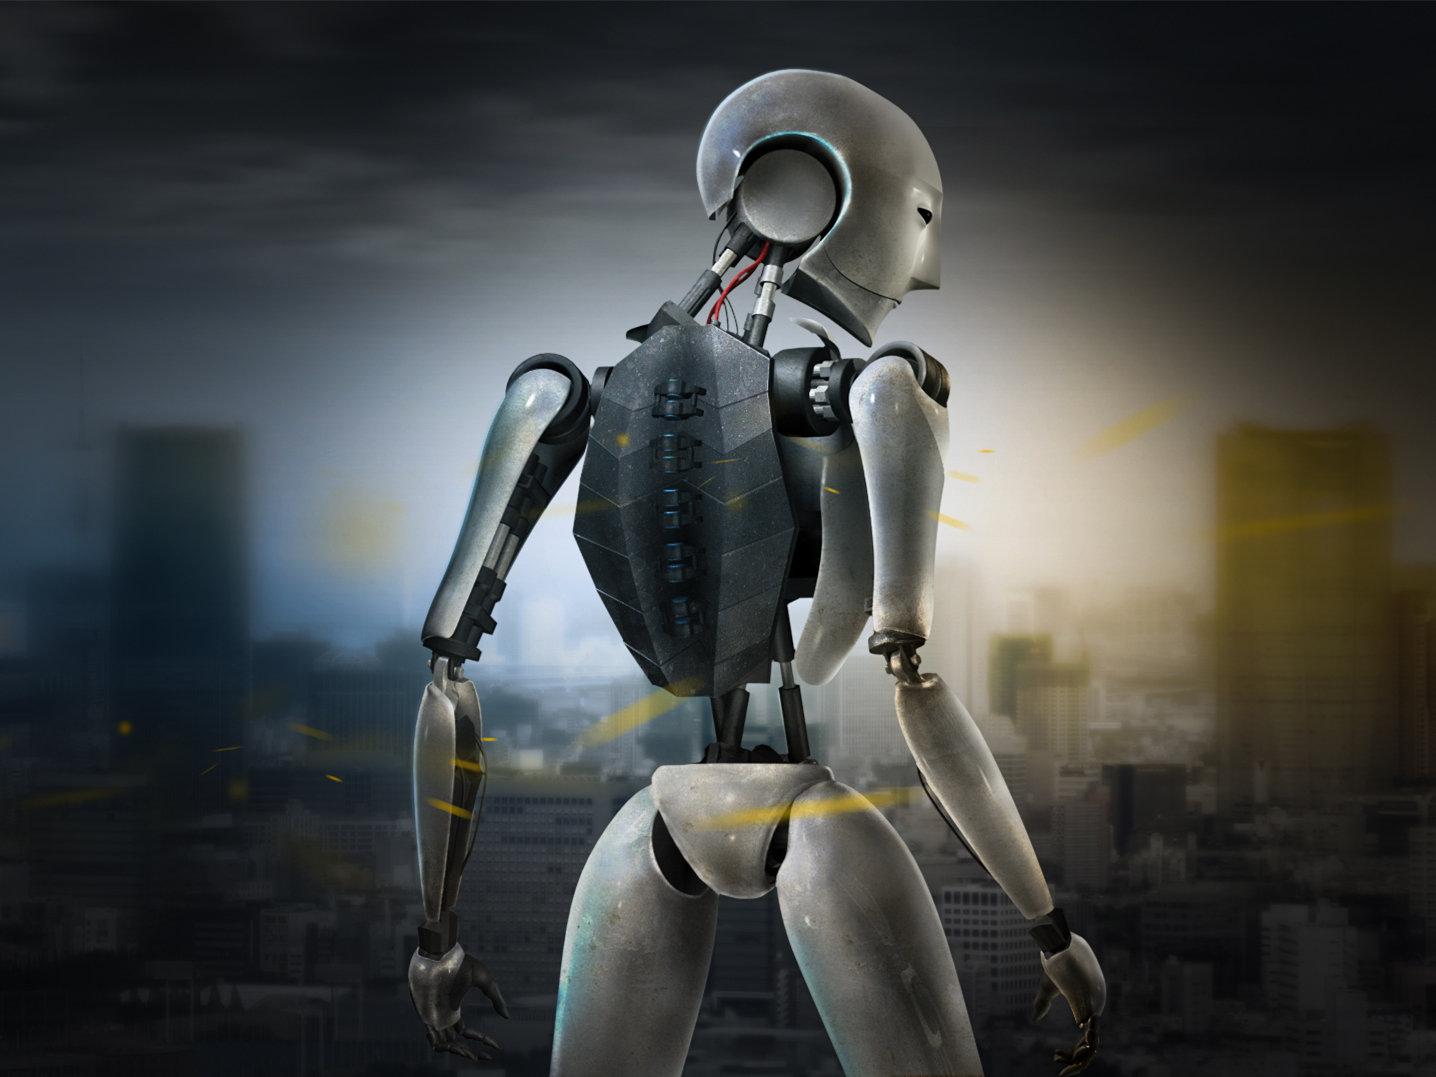 独家| 留法博士造工业机器人80秒系一双鞋带 已签1.2亿订单 获投1000万